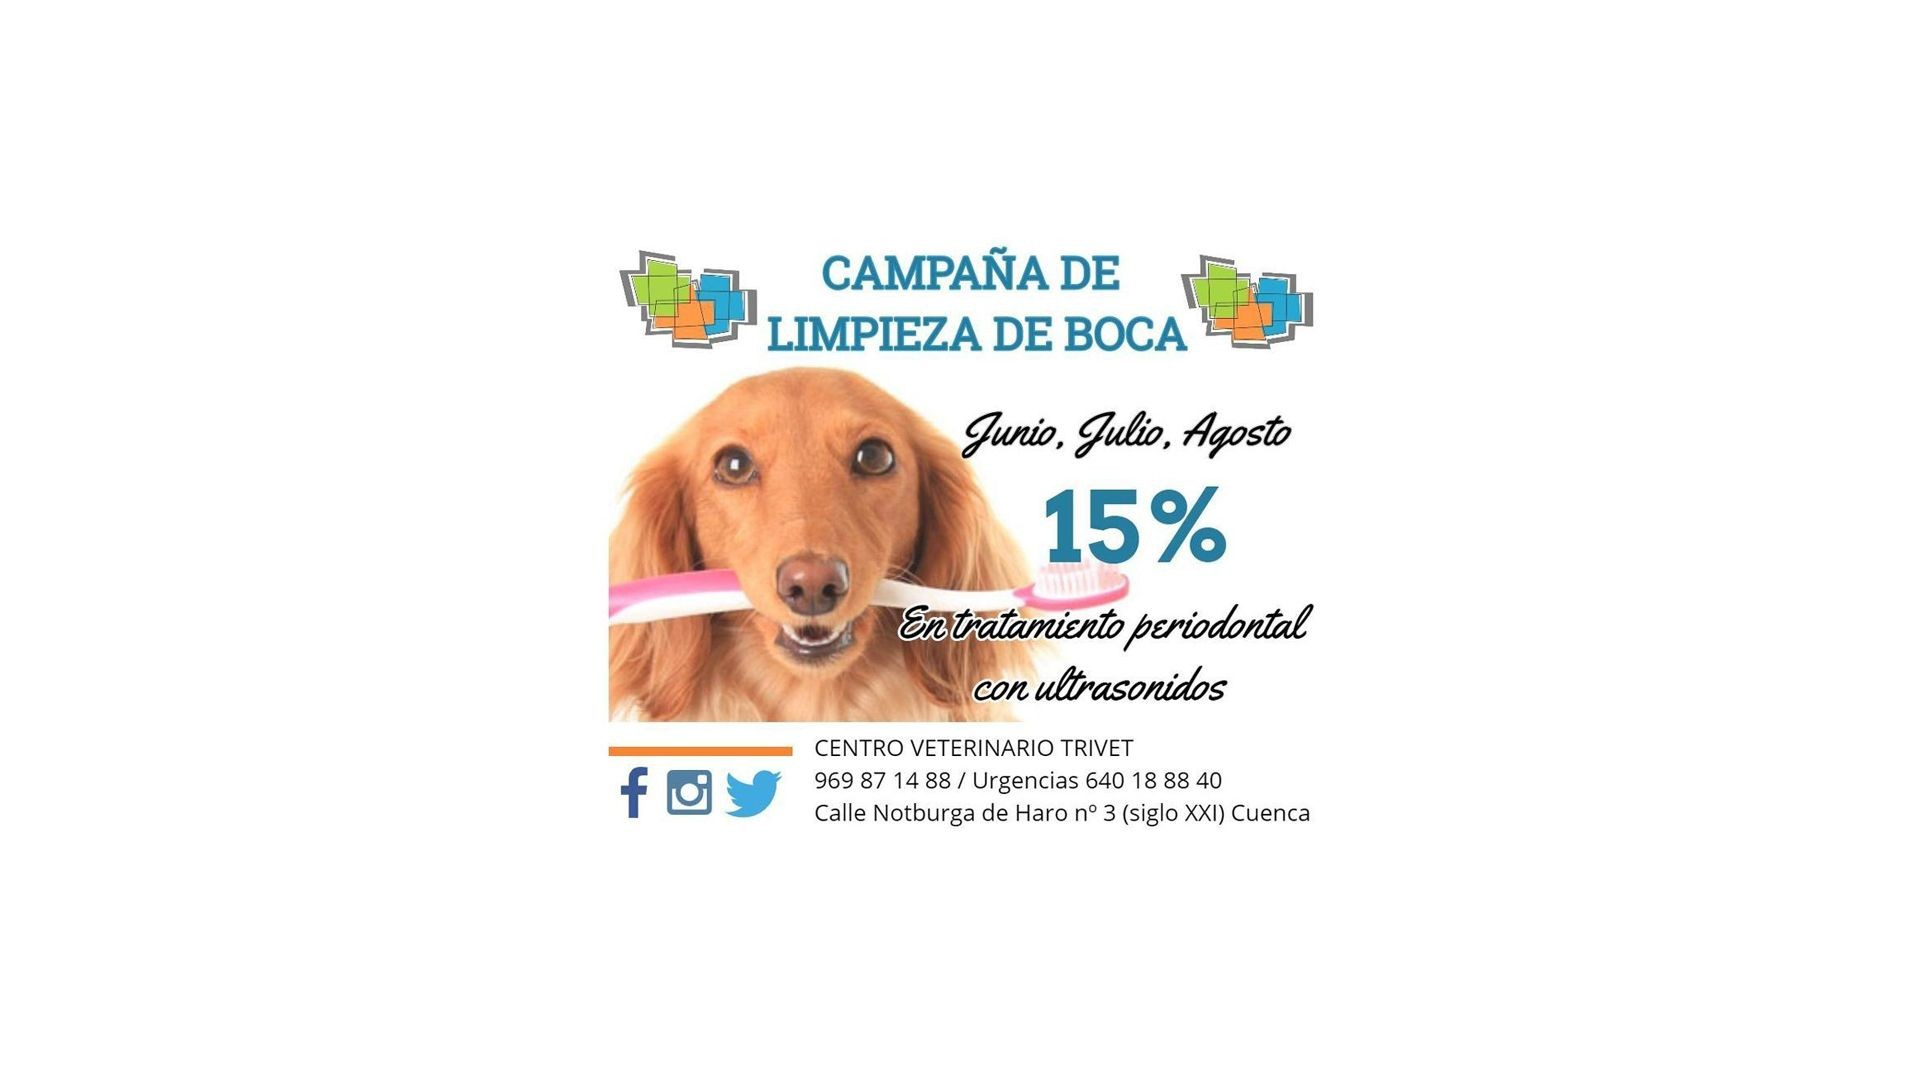 Hospital veterinario en Cuenca